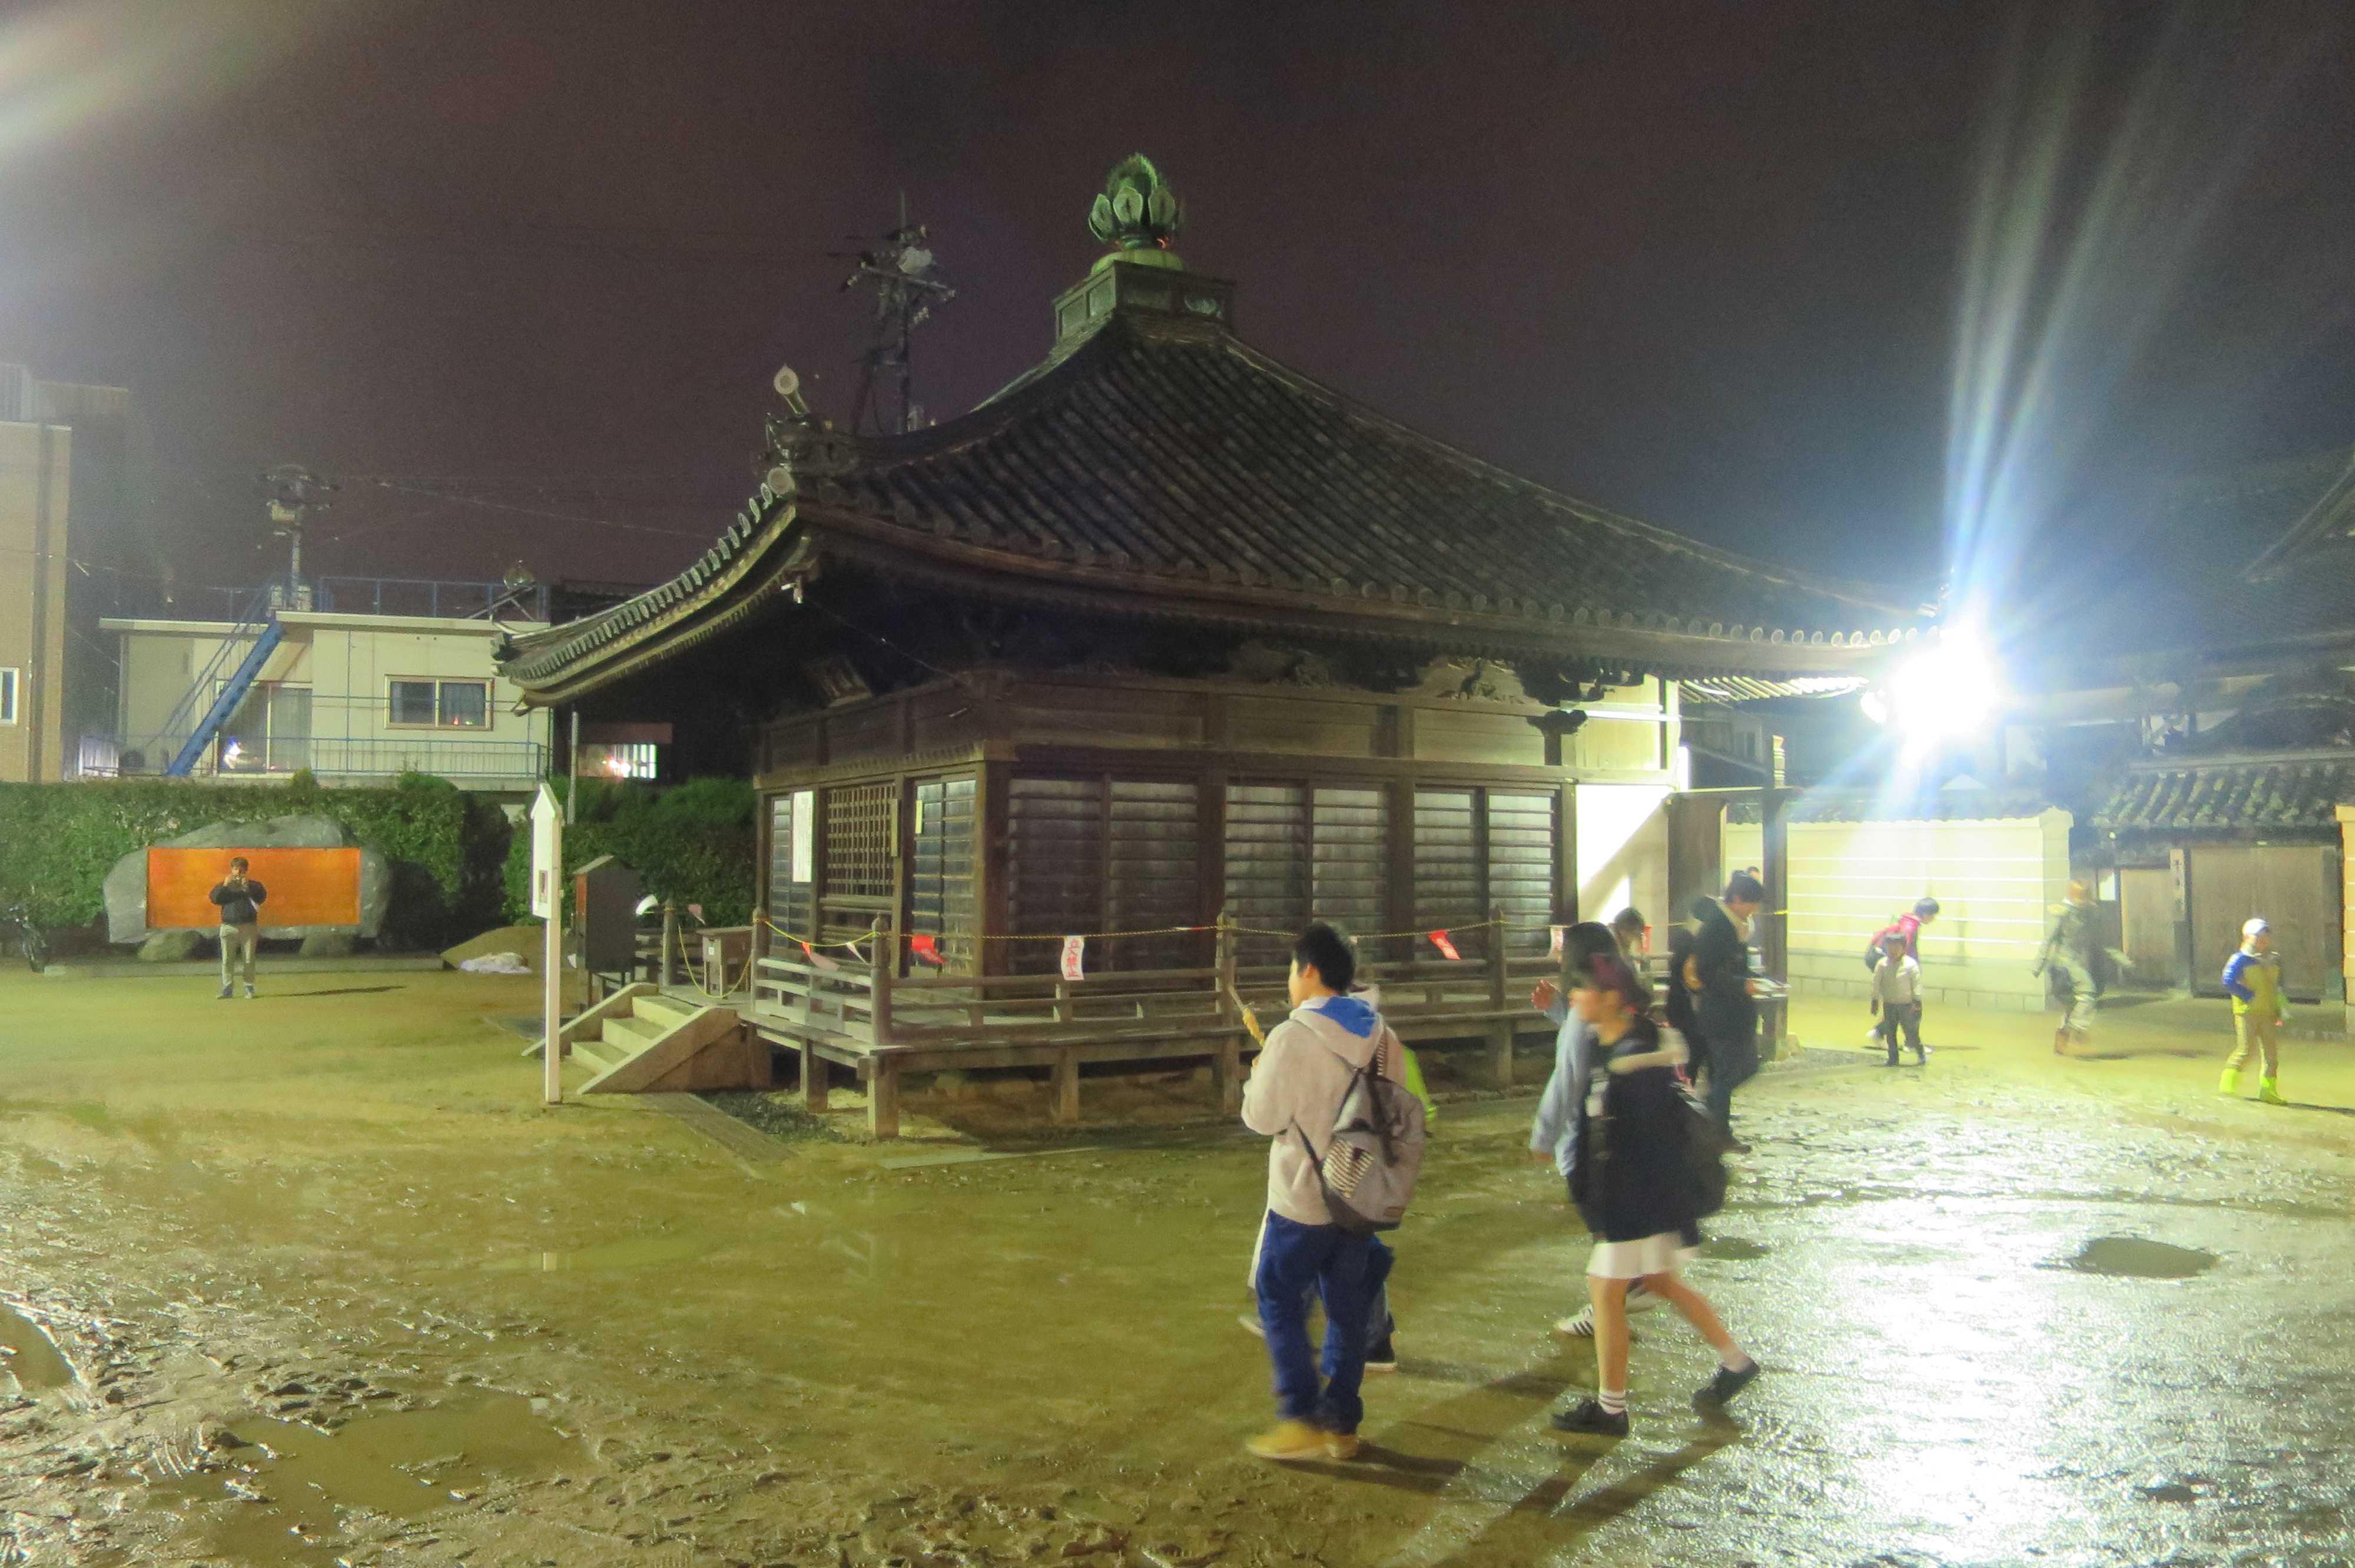 西大寺 - 泥だらけの境内